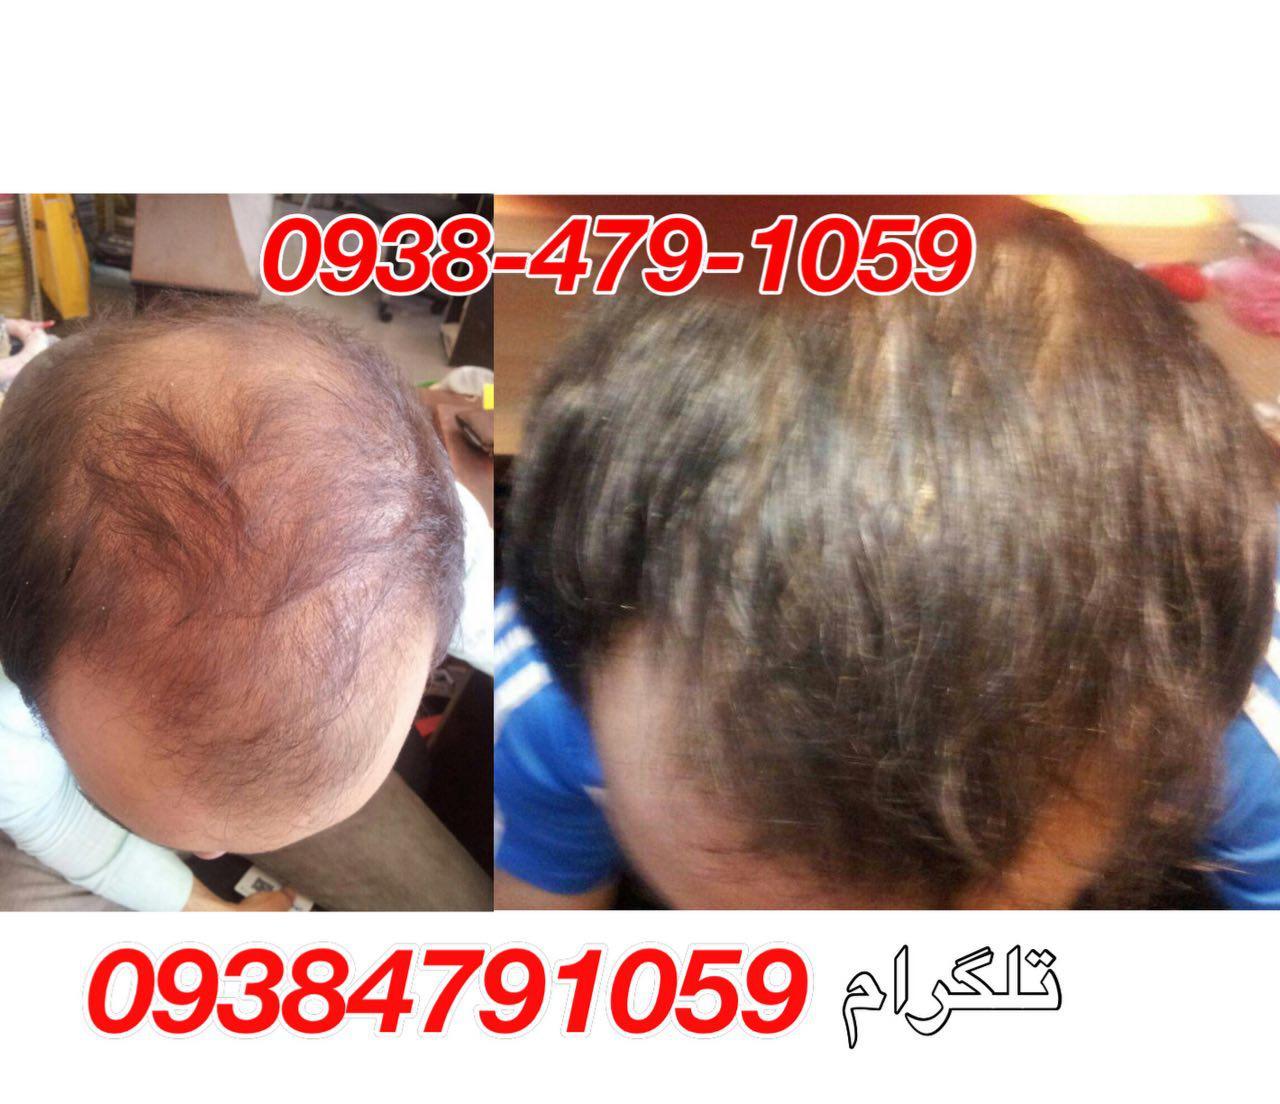 عکس بیماران تحت درمان محلول دکتر نوروزیان مو